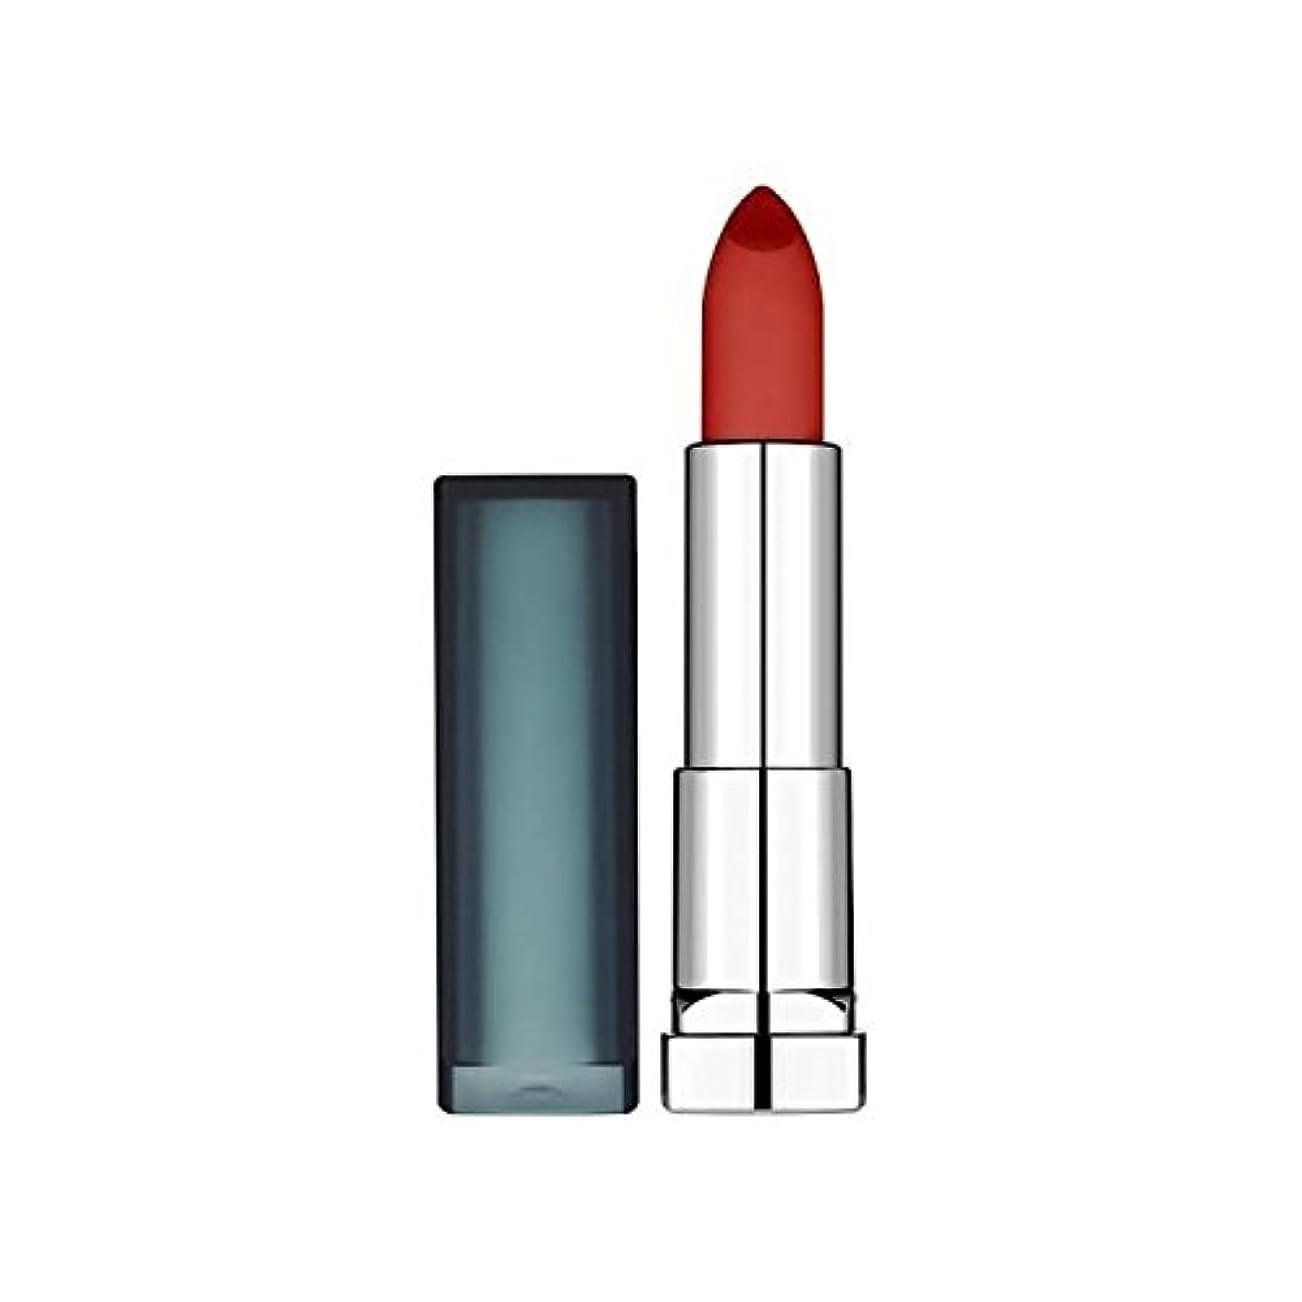 クリップ誕生インフルエンザMaybelline Sensational Lipstick Creamy Matte Burgundy Blush - メイベリンセンセーショナルな口紅クリーミーマットバーガンディ赤面 [並行輸入品]